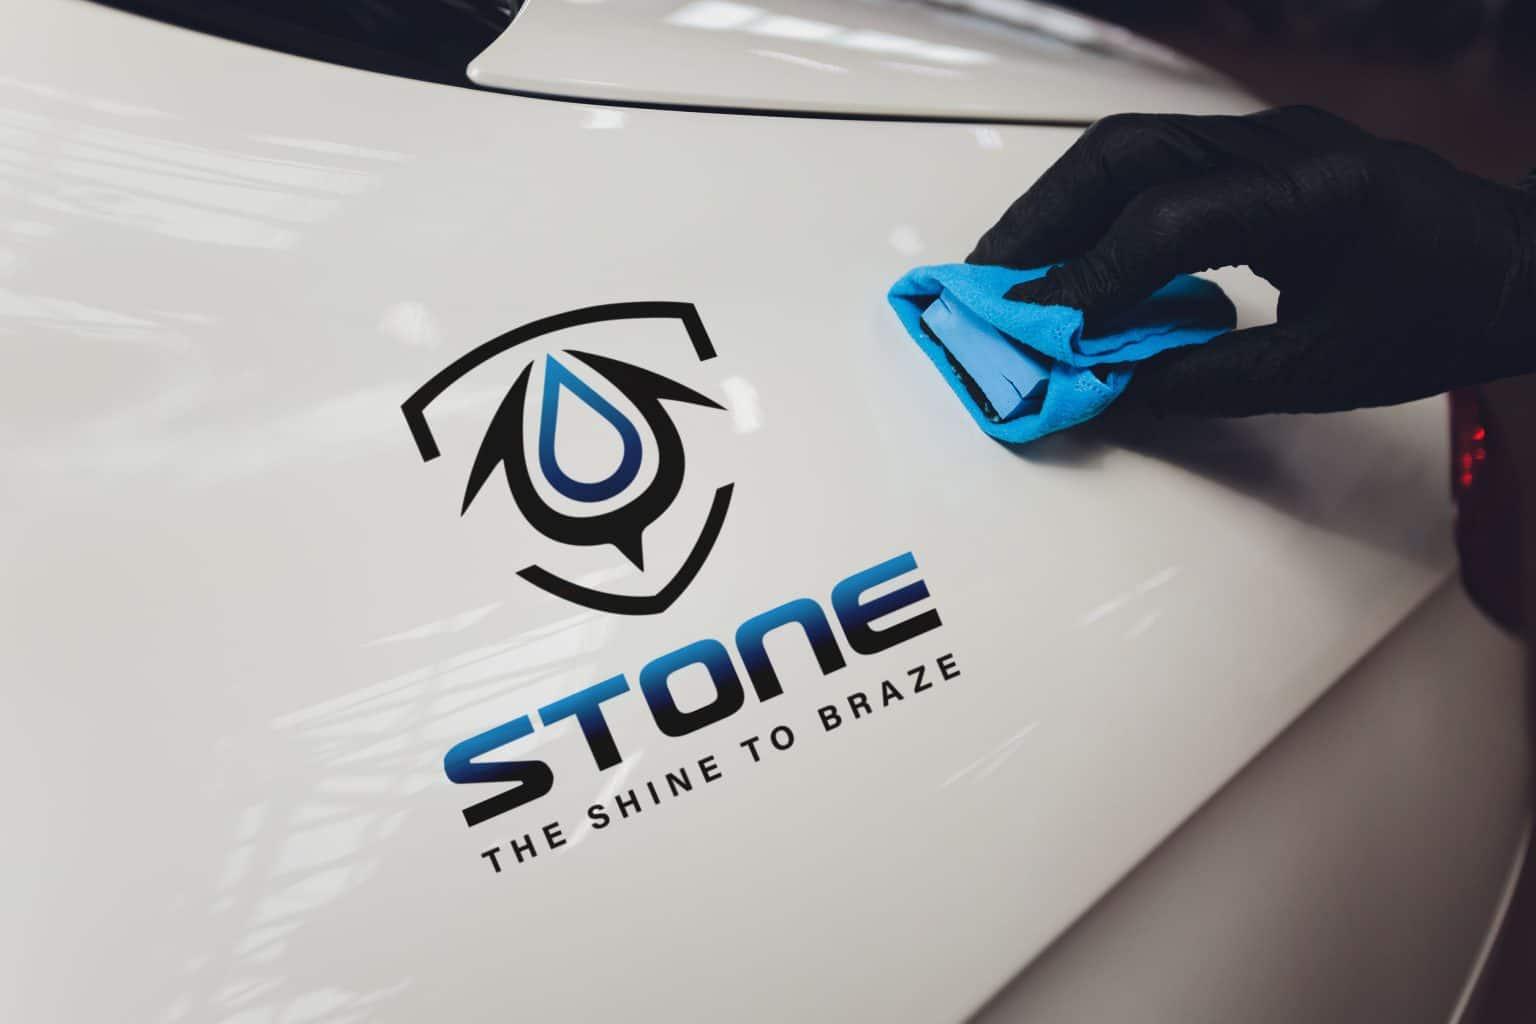 Stone汽車美容 LOGO設計 品牌設計 商標設計 形象設計